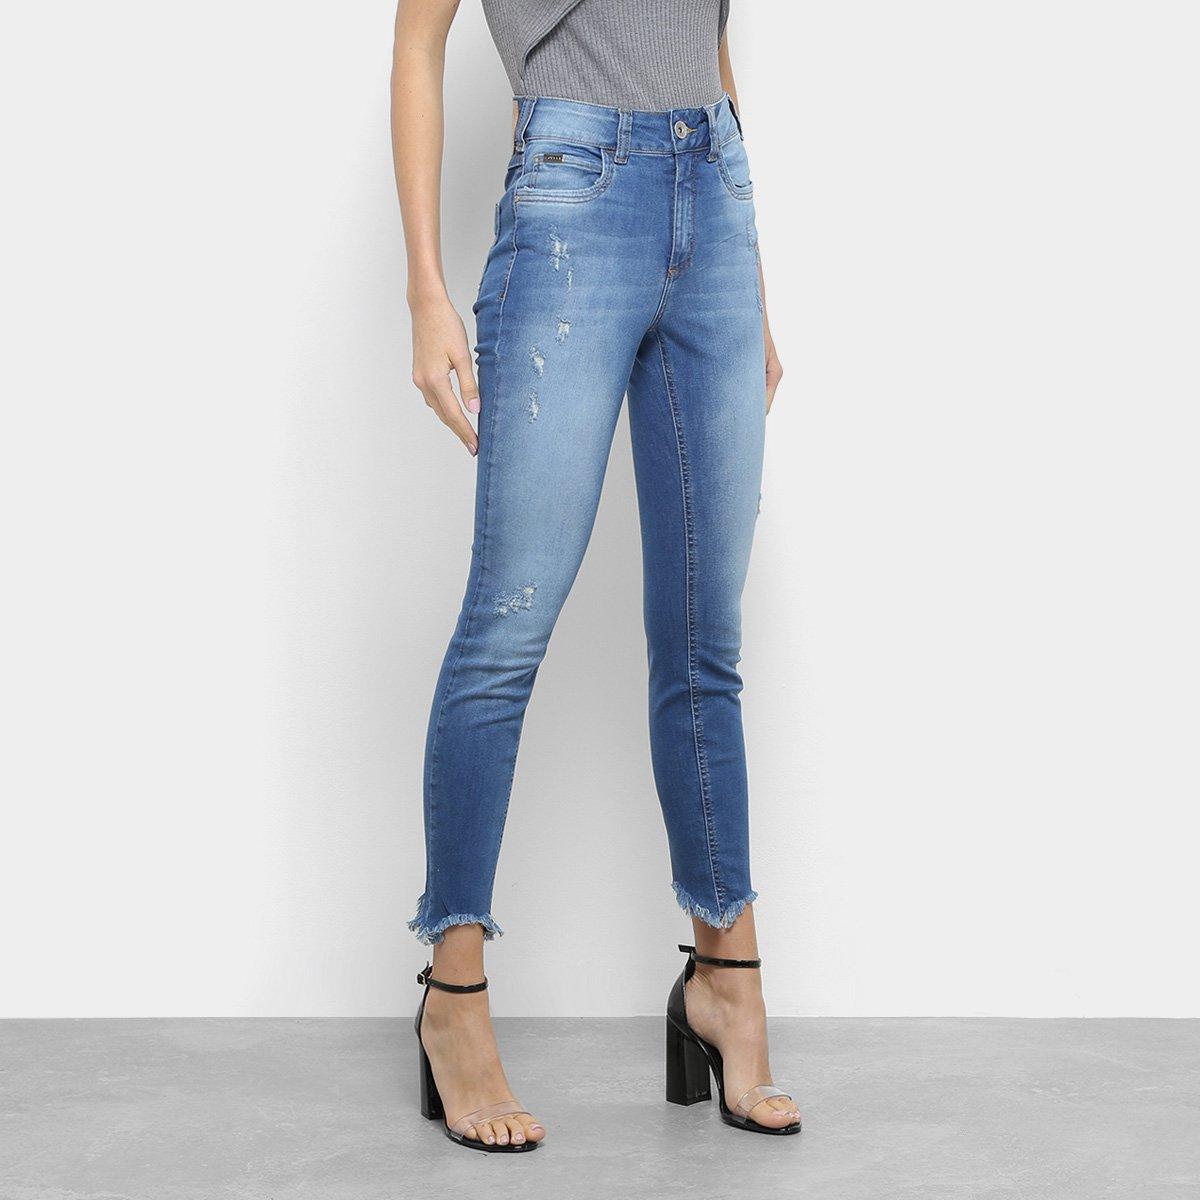 8d66c65ec Calça Jeans Skinny Colcci Barra Desfiada Cintura Alta Feminina